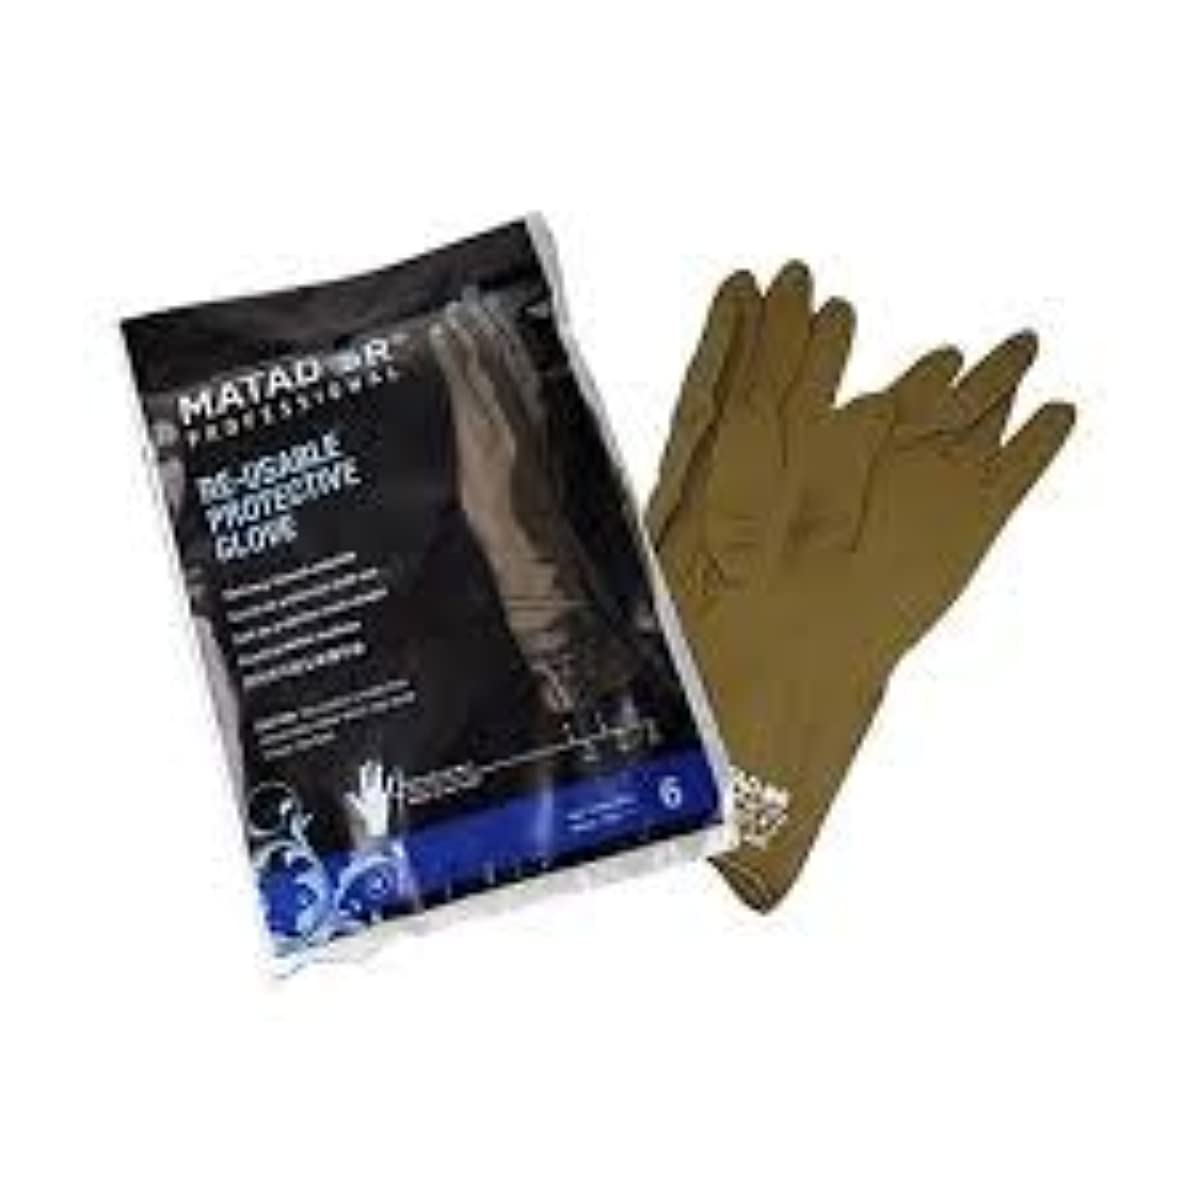 より平らな減る海岸マタドールゴム手袋 6.0吋 【10個セット】